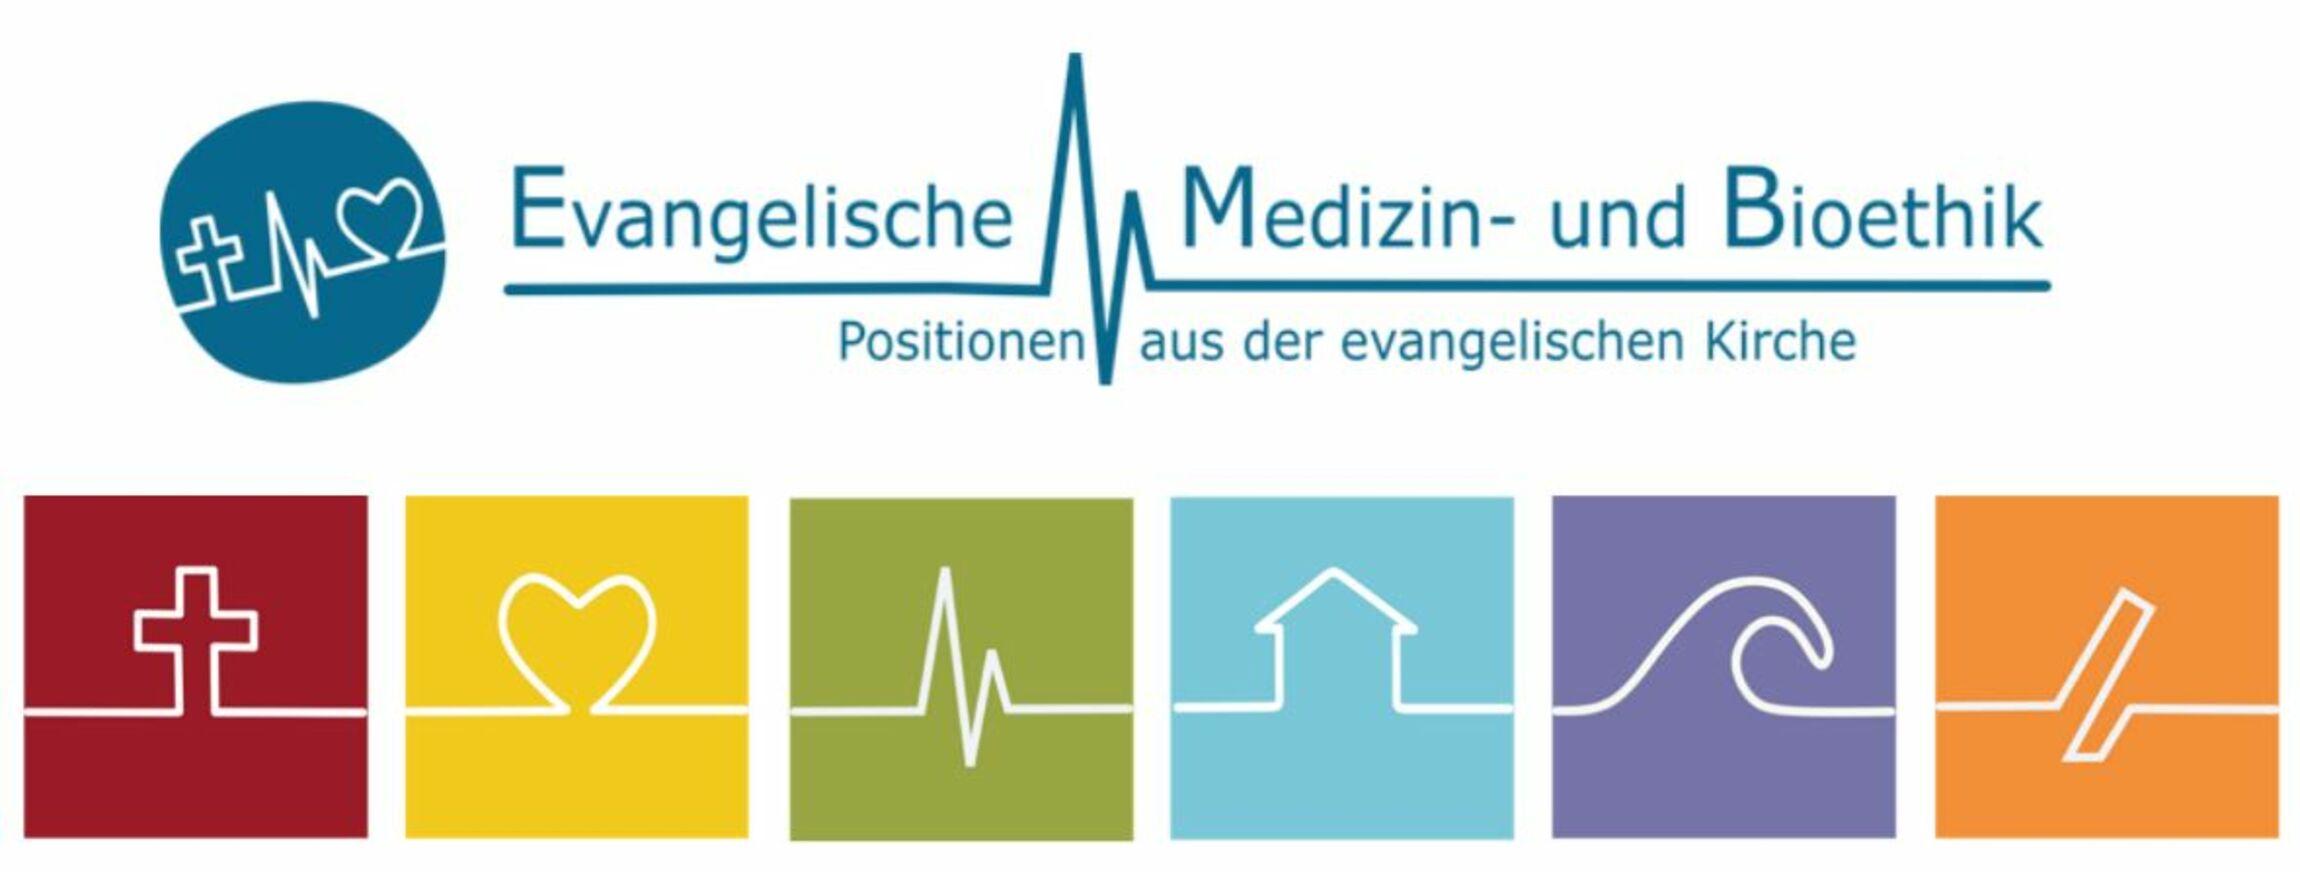 Evangelische Medizinethik 2021